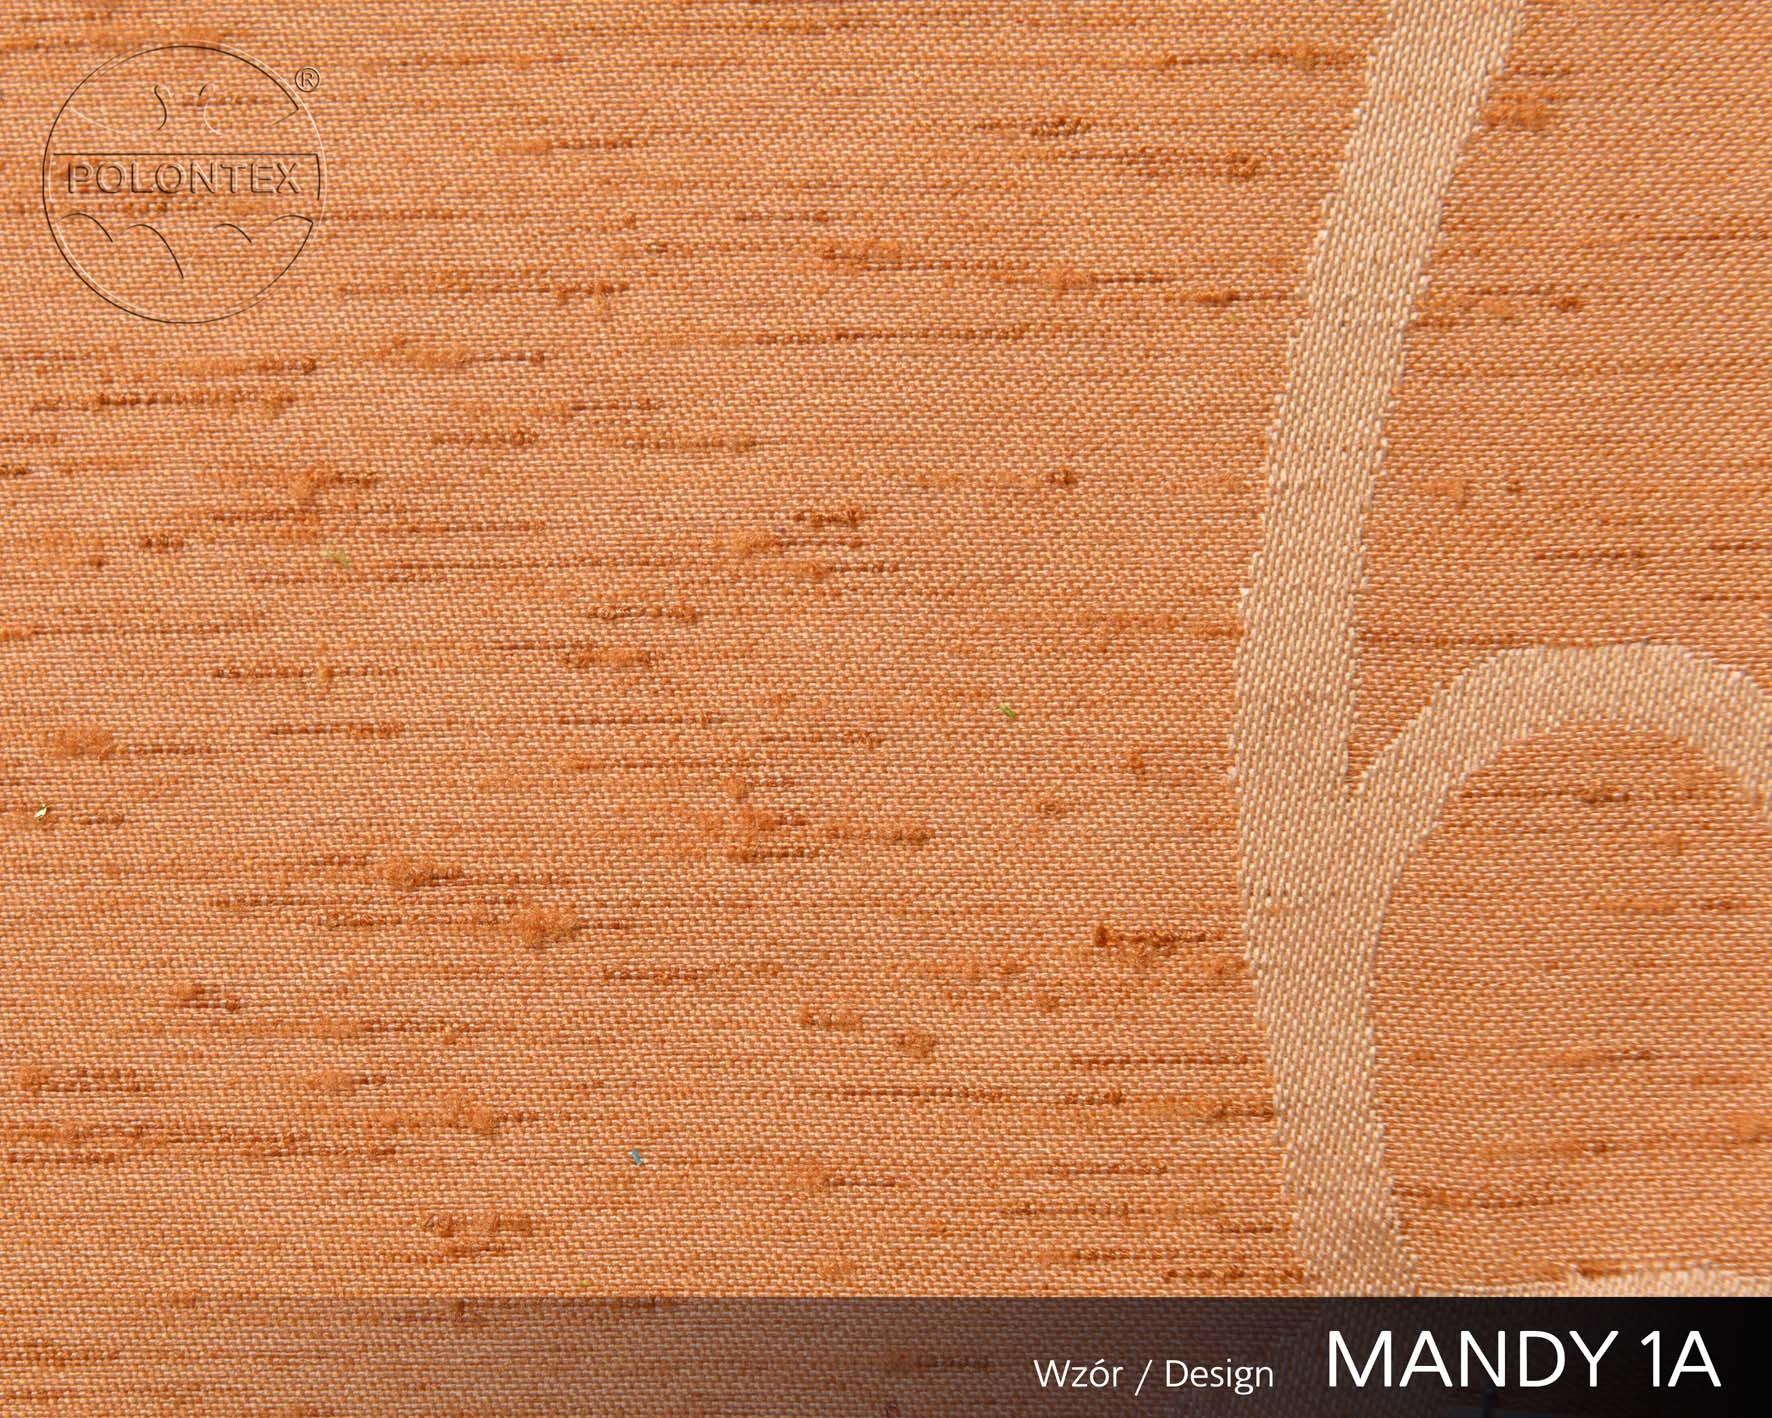 MANDY 1A 7208